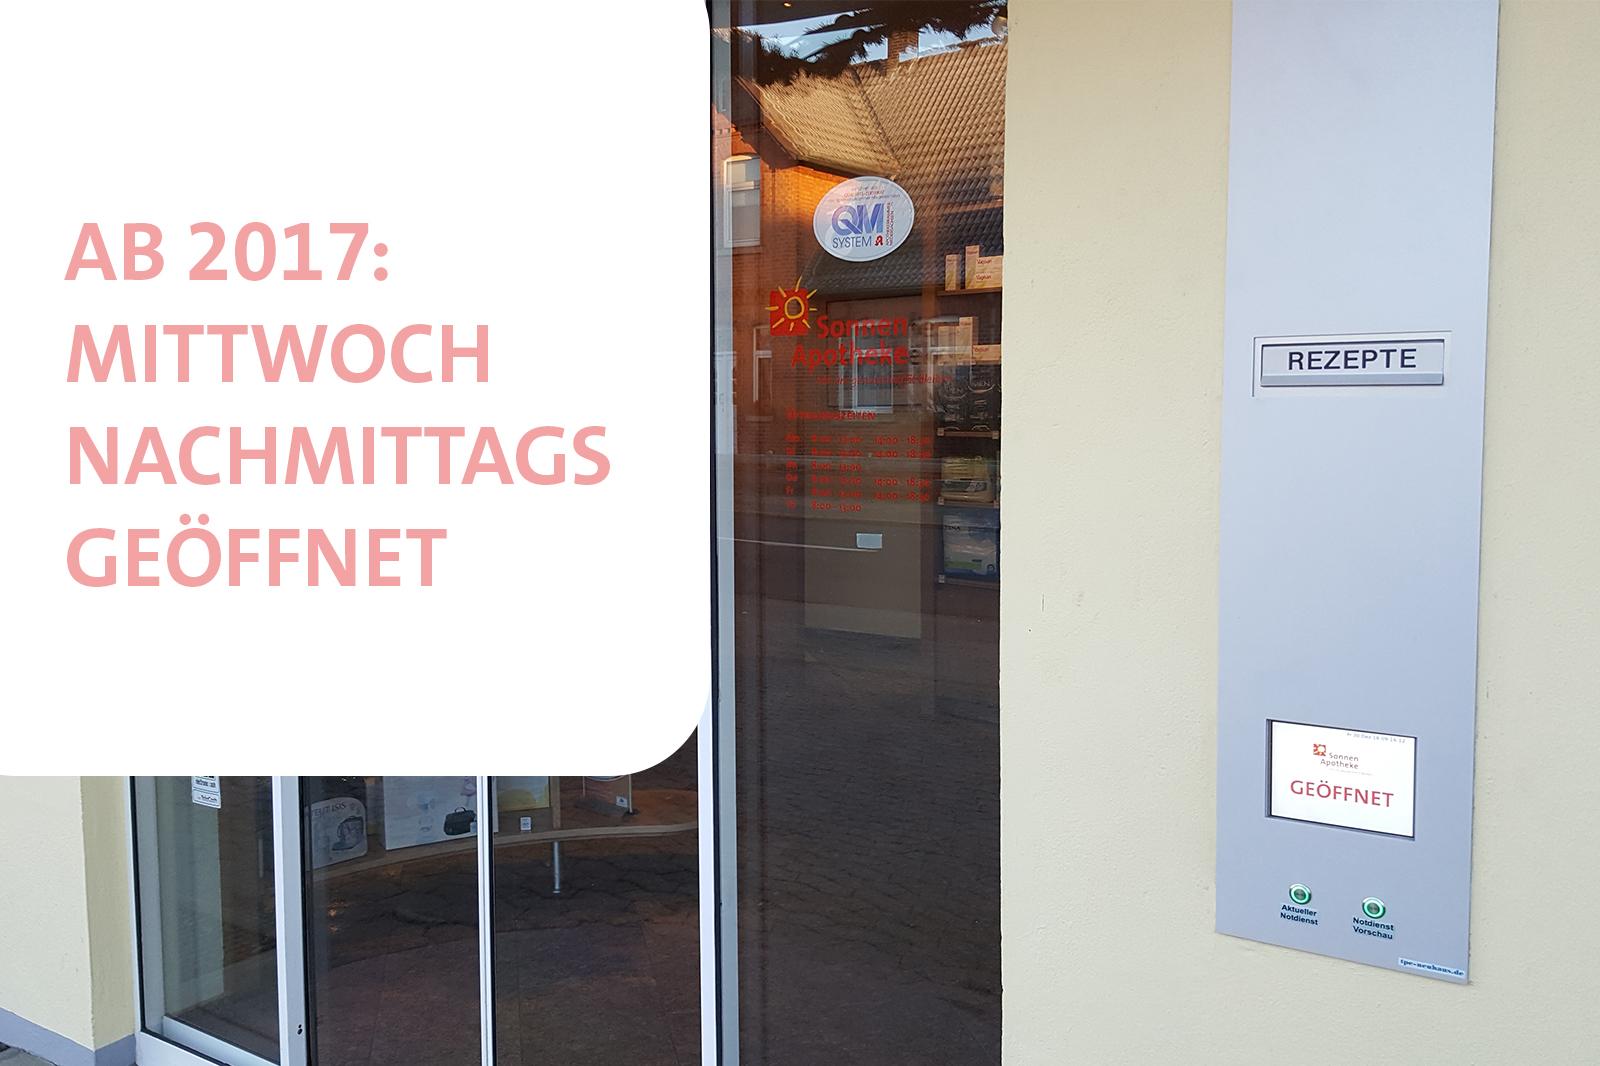 Ab 2017: Mittwochnachmittags geöffnet